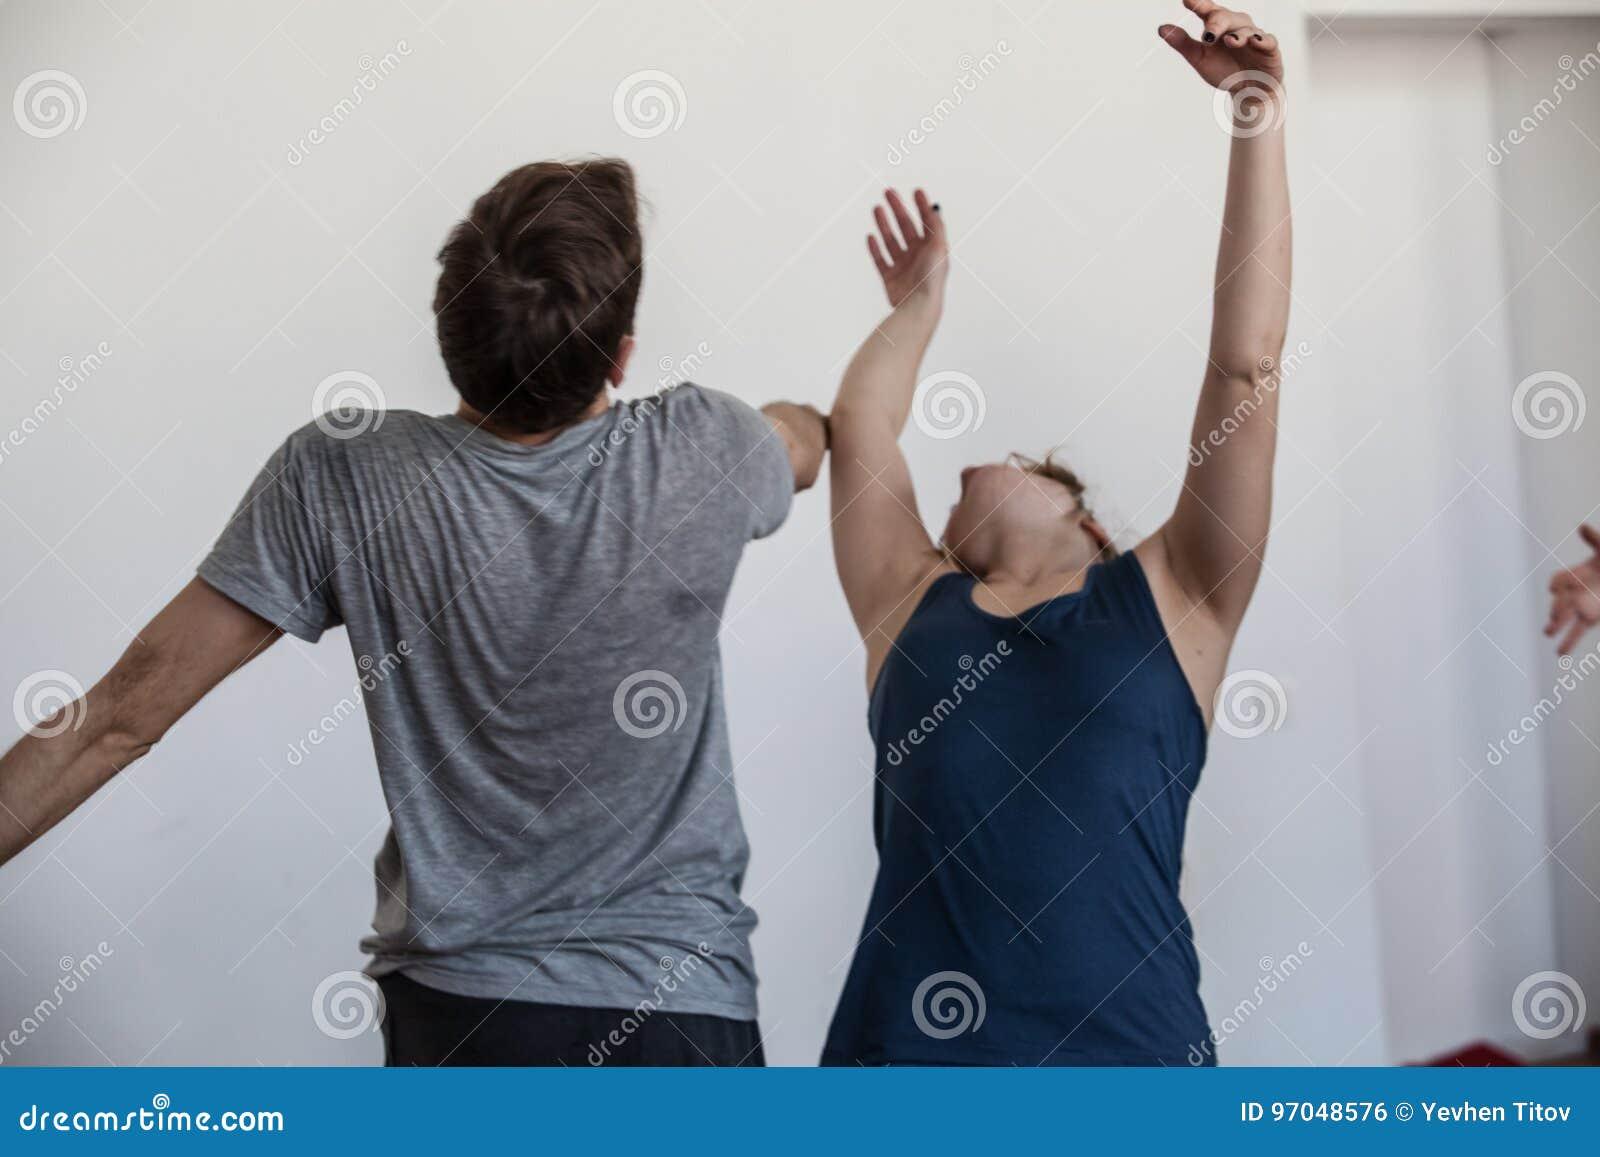 Danshanddancers improviseren op het contact van jamdansers